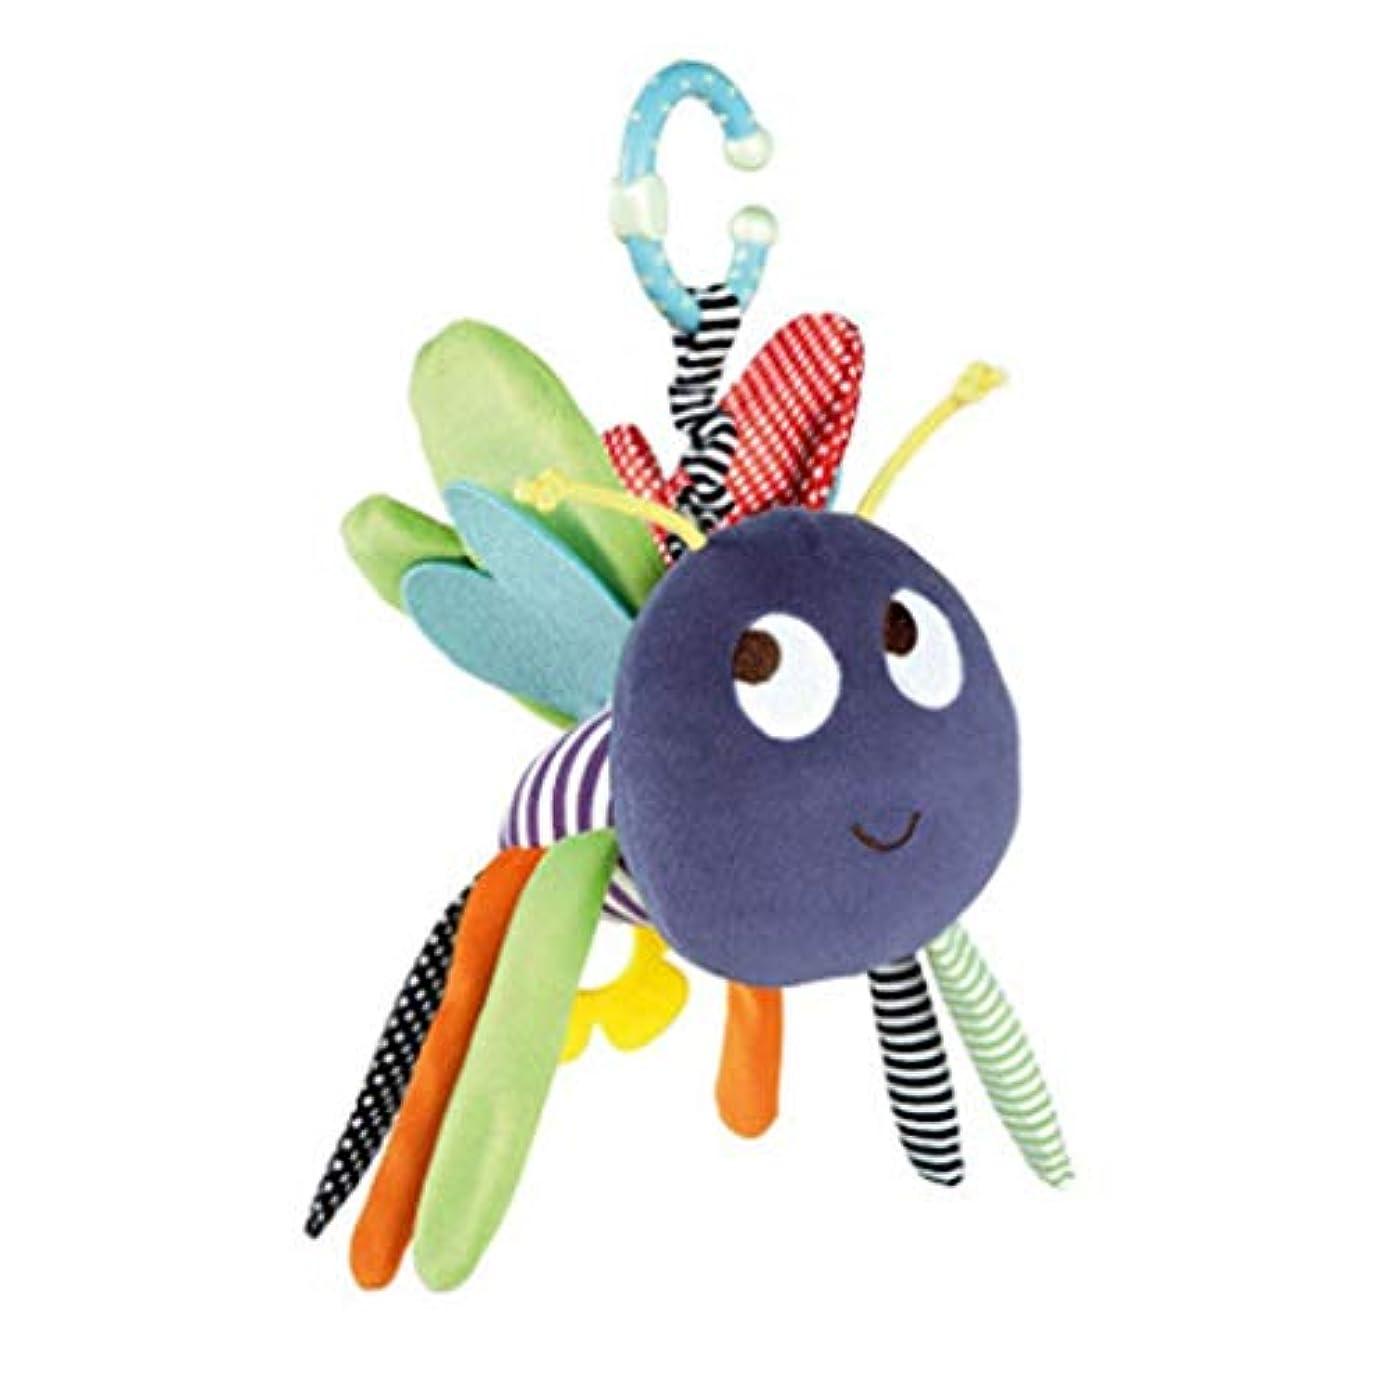 噴火類推ふさわしい1st market 赤ちゃんのおもちゃぶら下げ動物蜂形状ガラガラおもちゃベビーカーカーシートベビーベッドぬいぐるみクリエイティブと便利